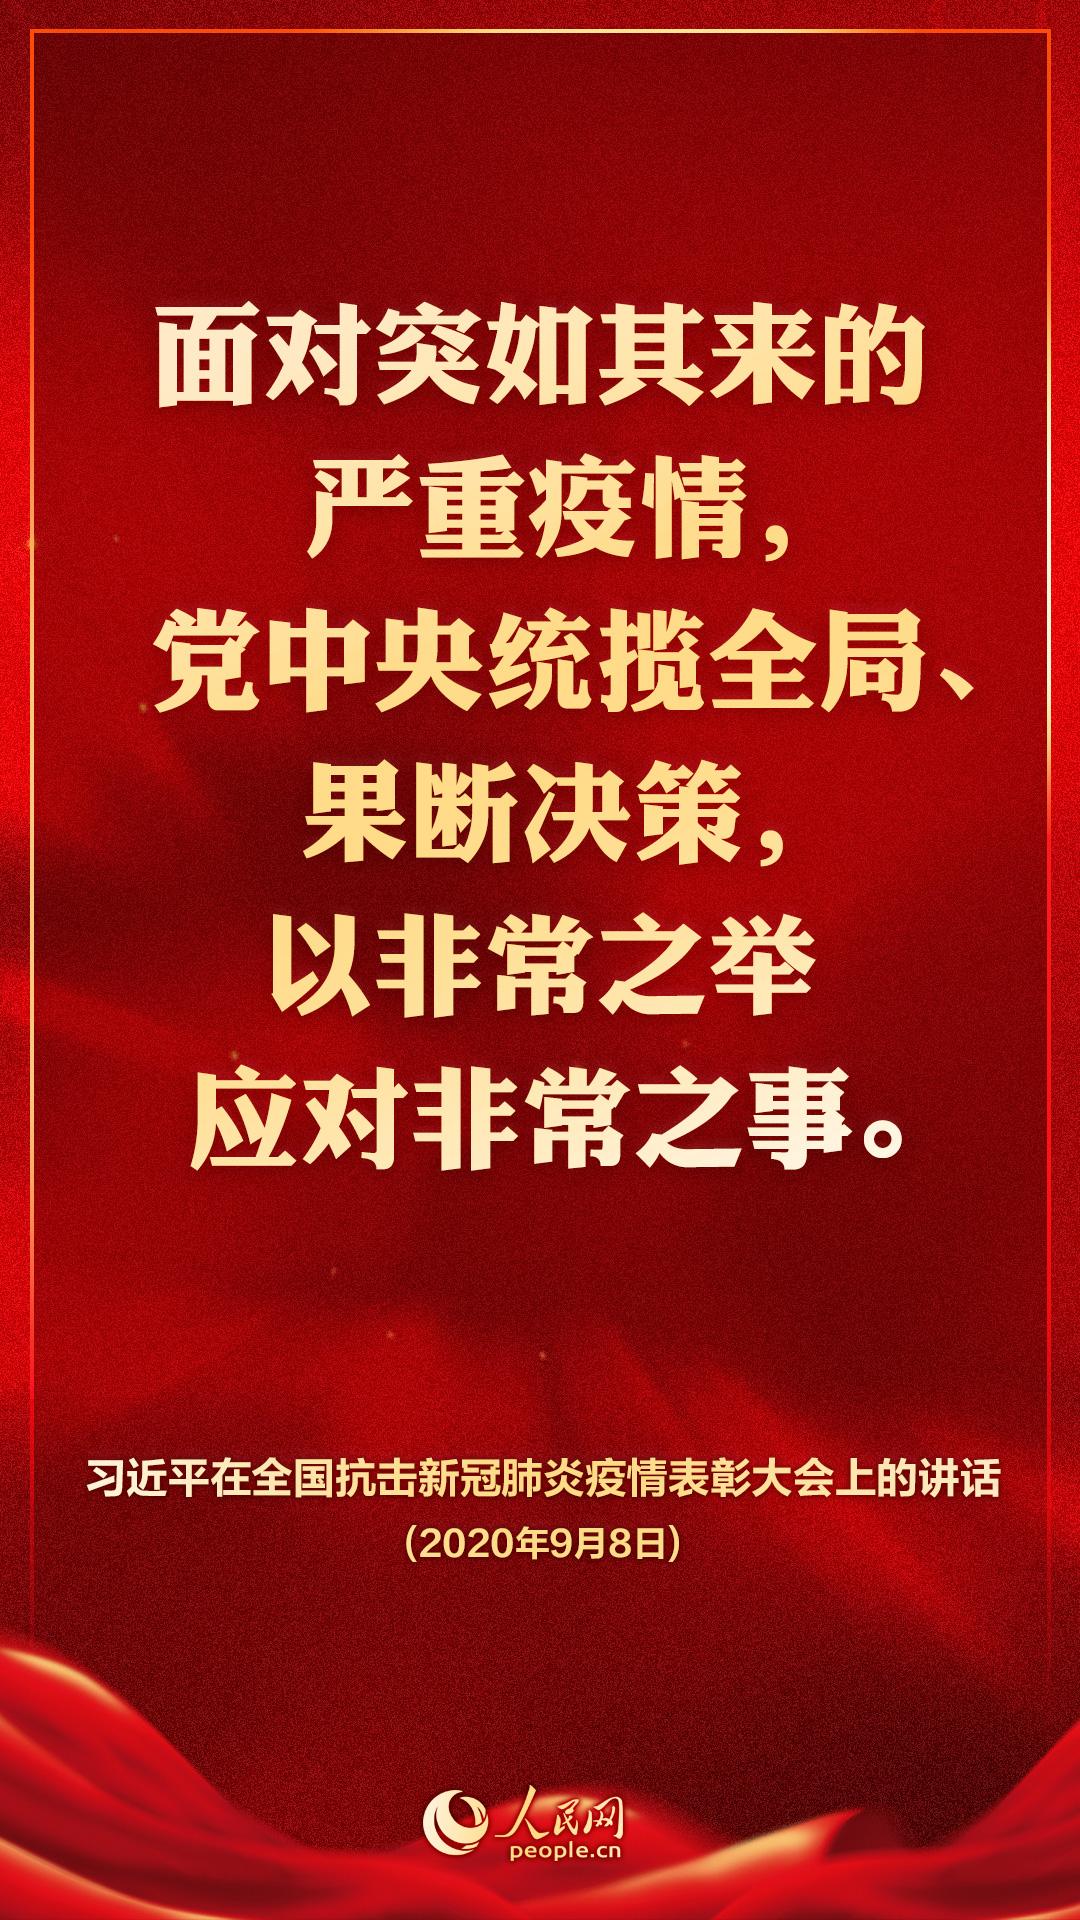 """全国抗击新冠肺炎疫情夺取重大战略成果的""""制胜密码""""01.jpg"""